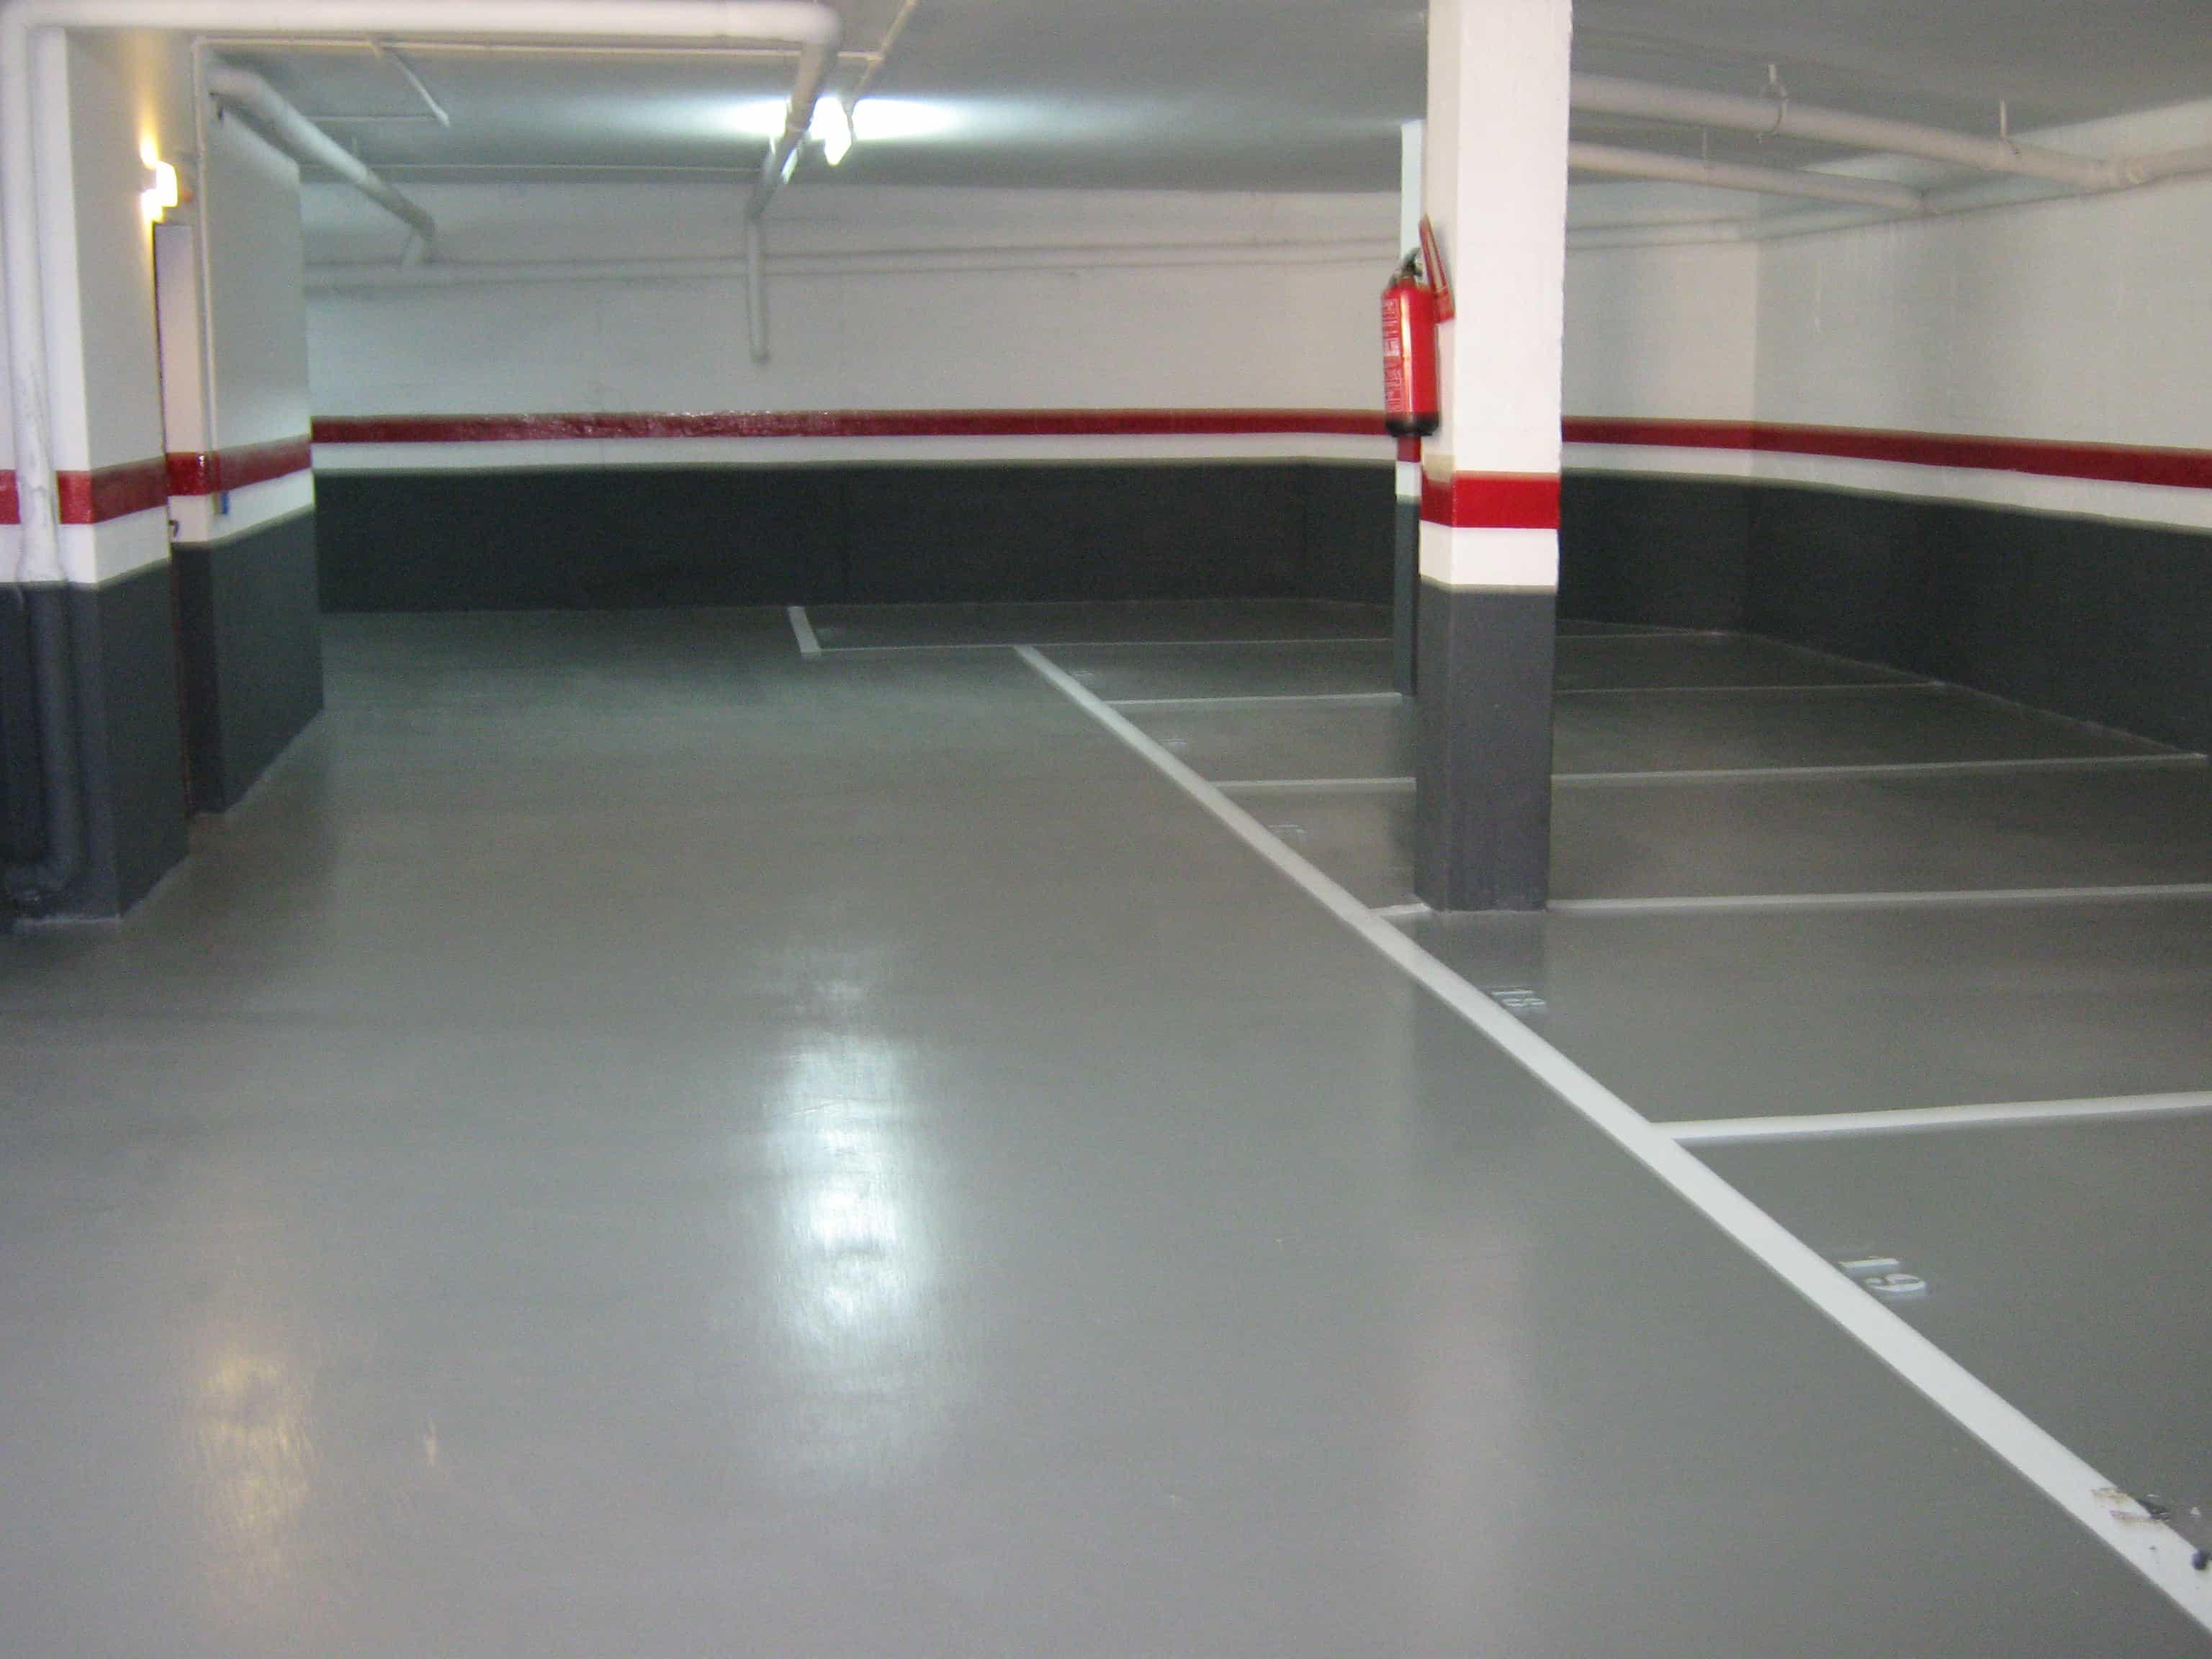 Pavimentos parking Girona